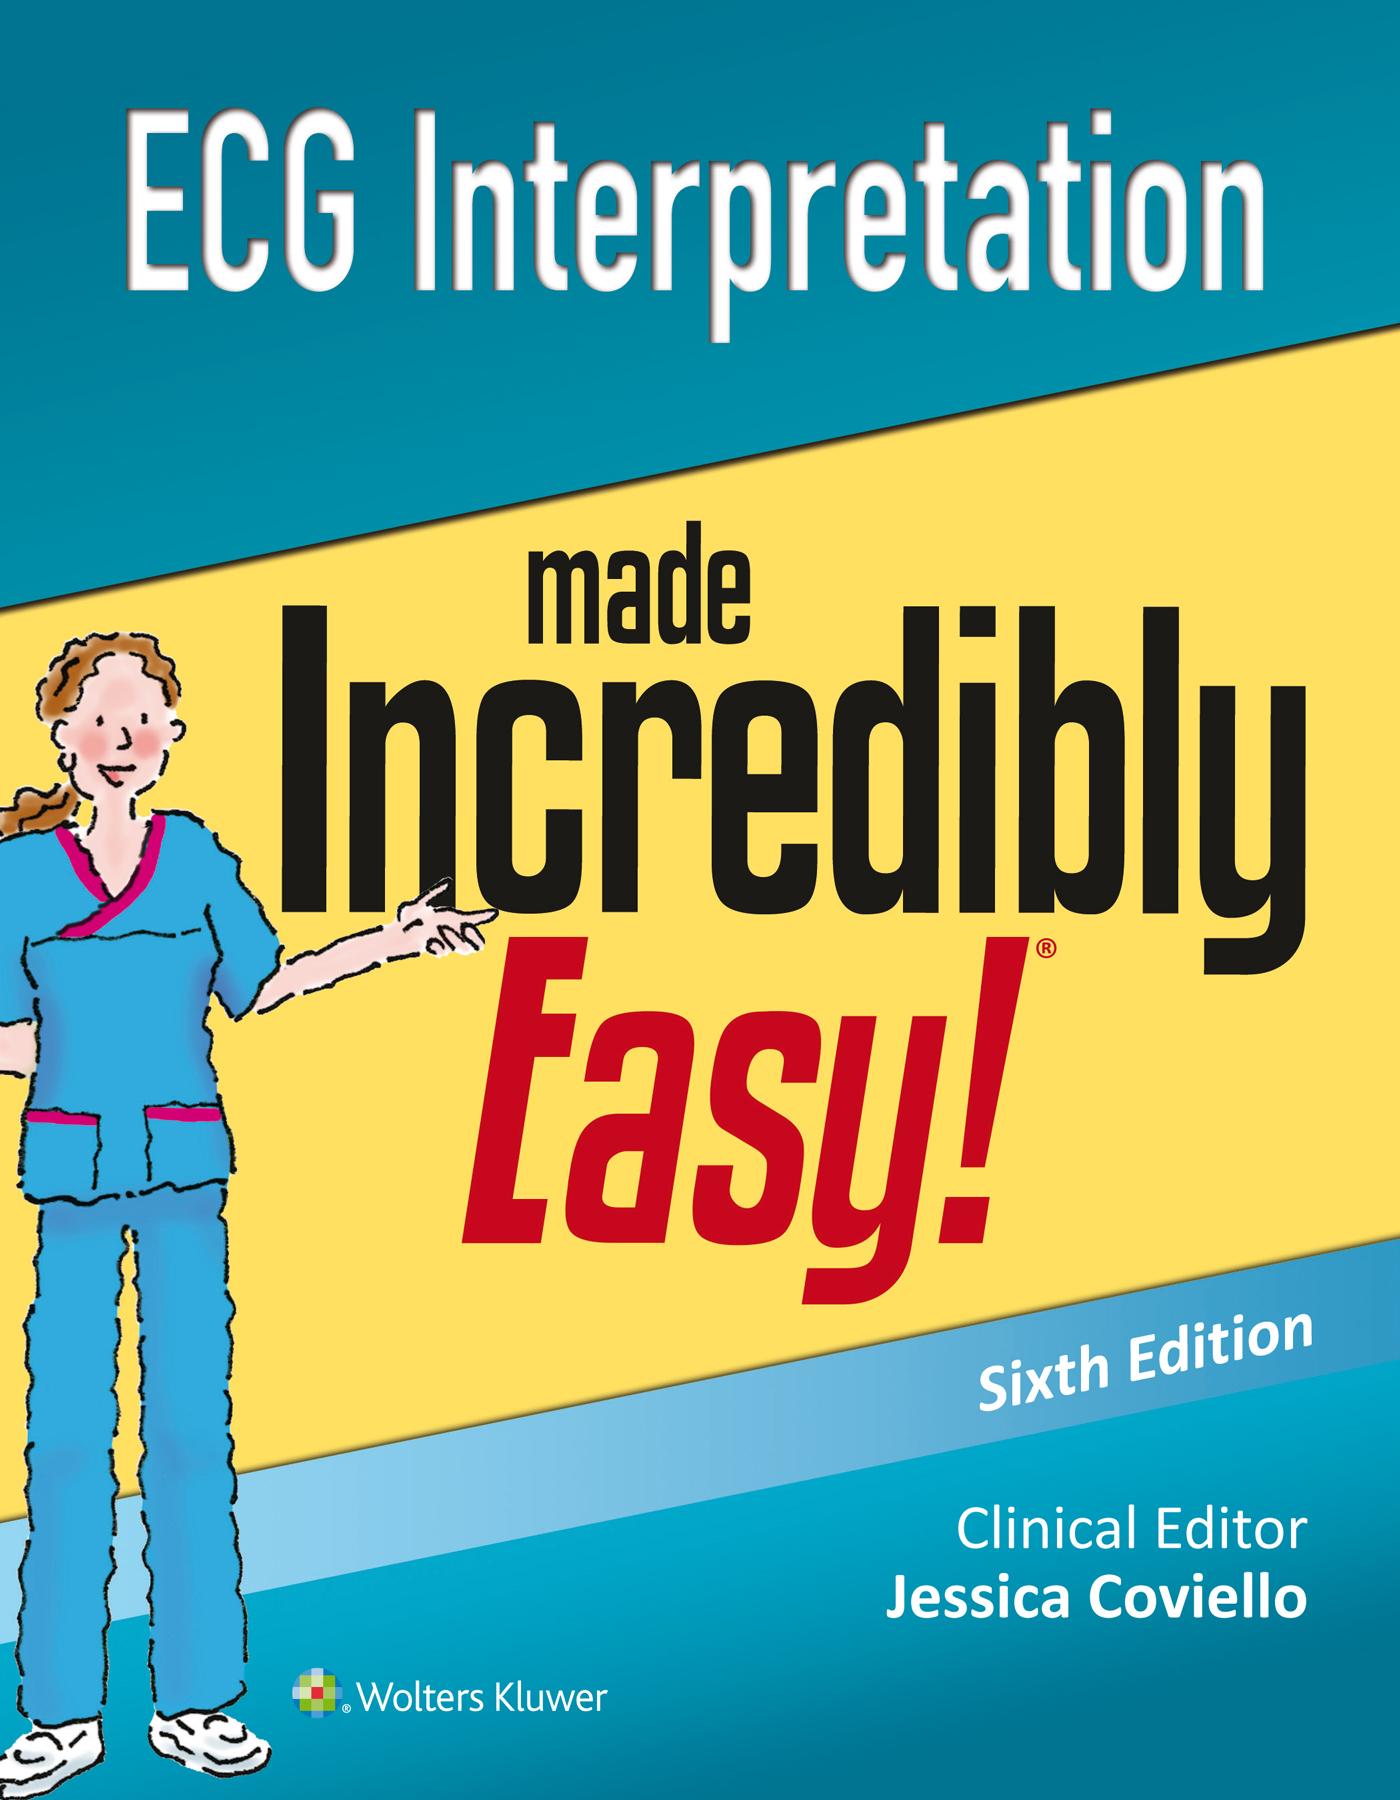 Ecg interpretation made incredibly easy fandeluxe Images